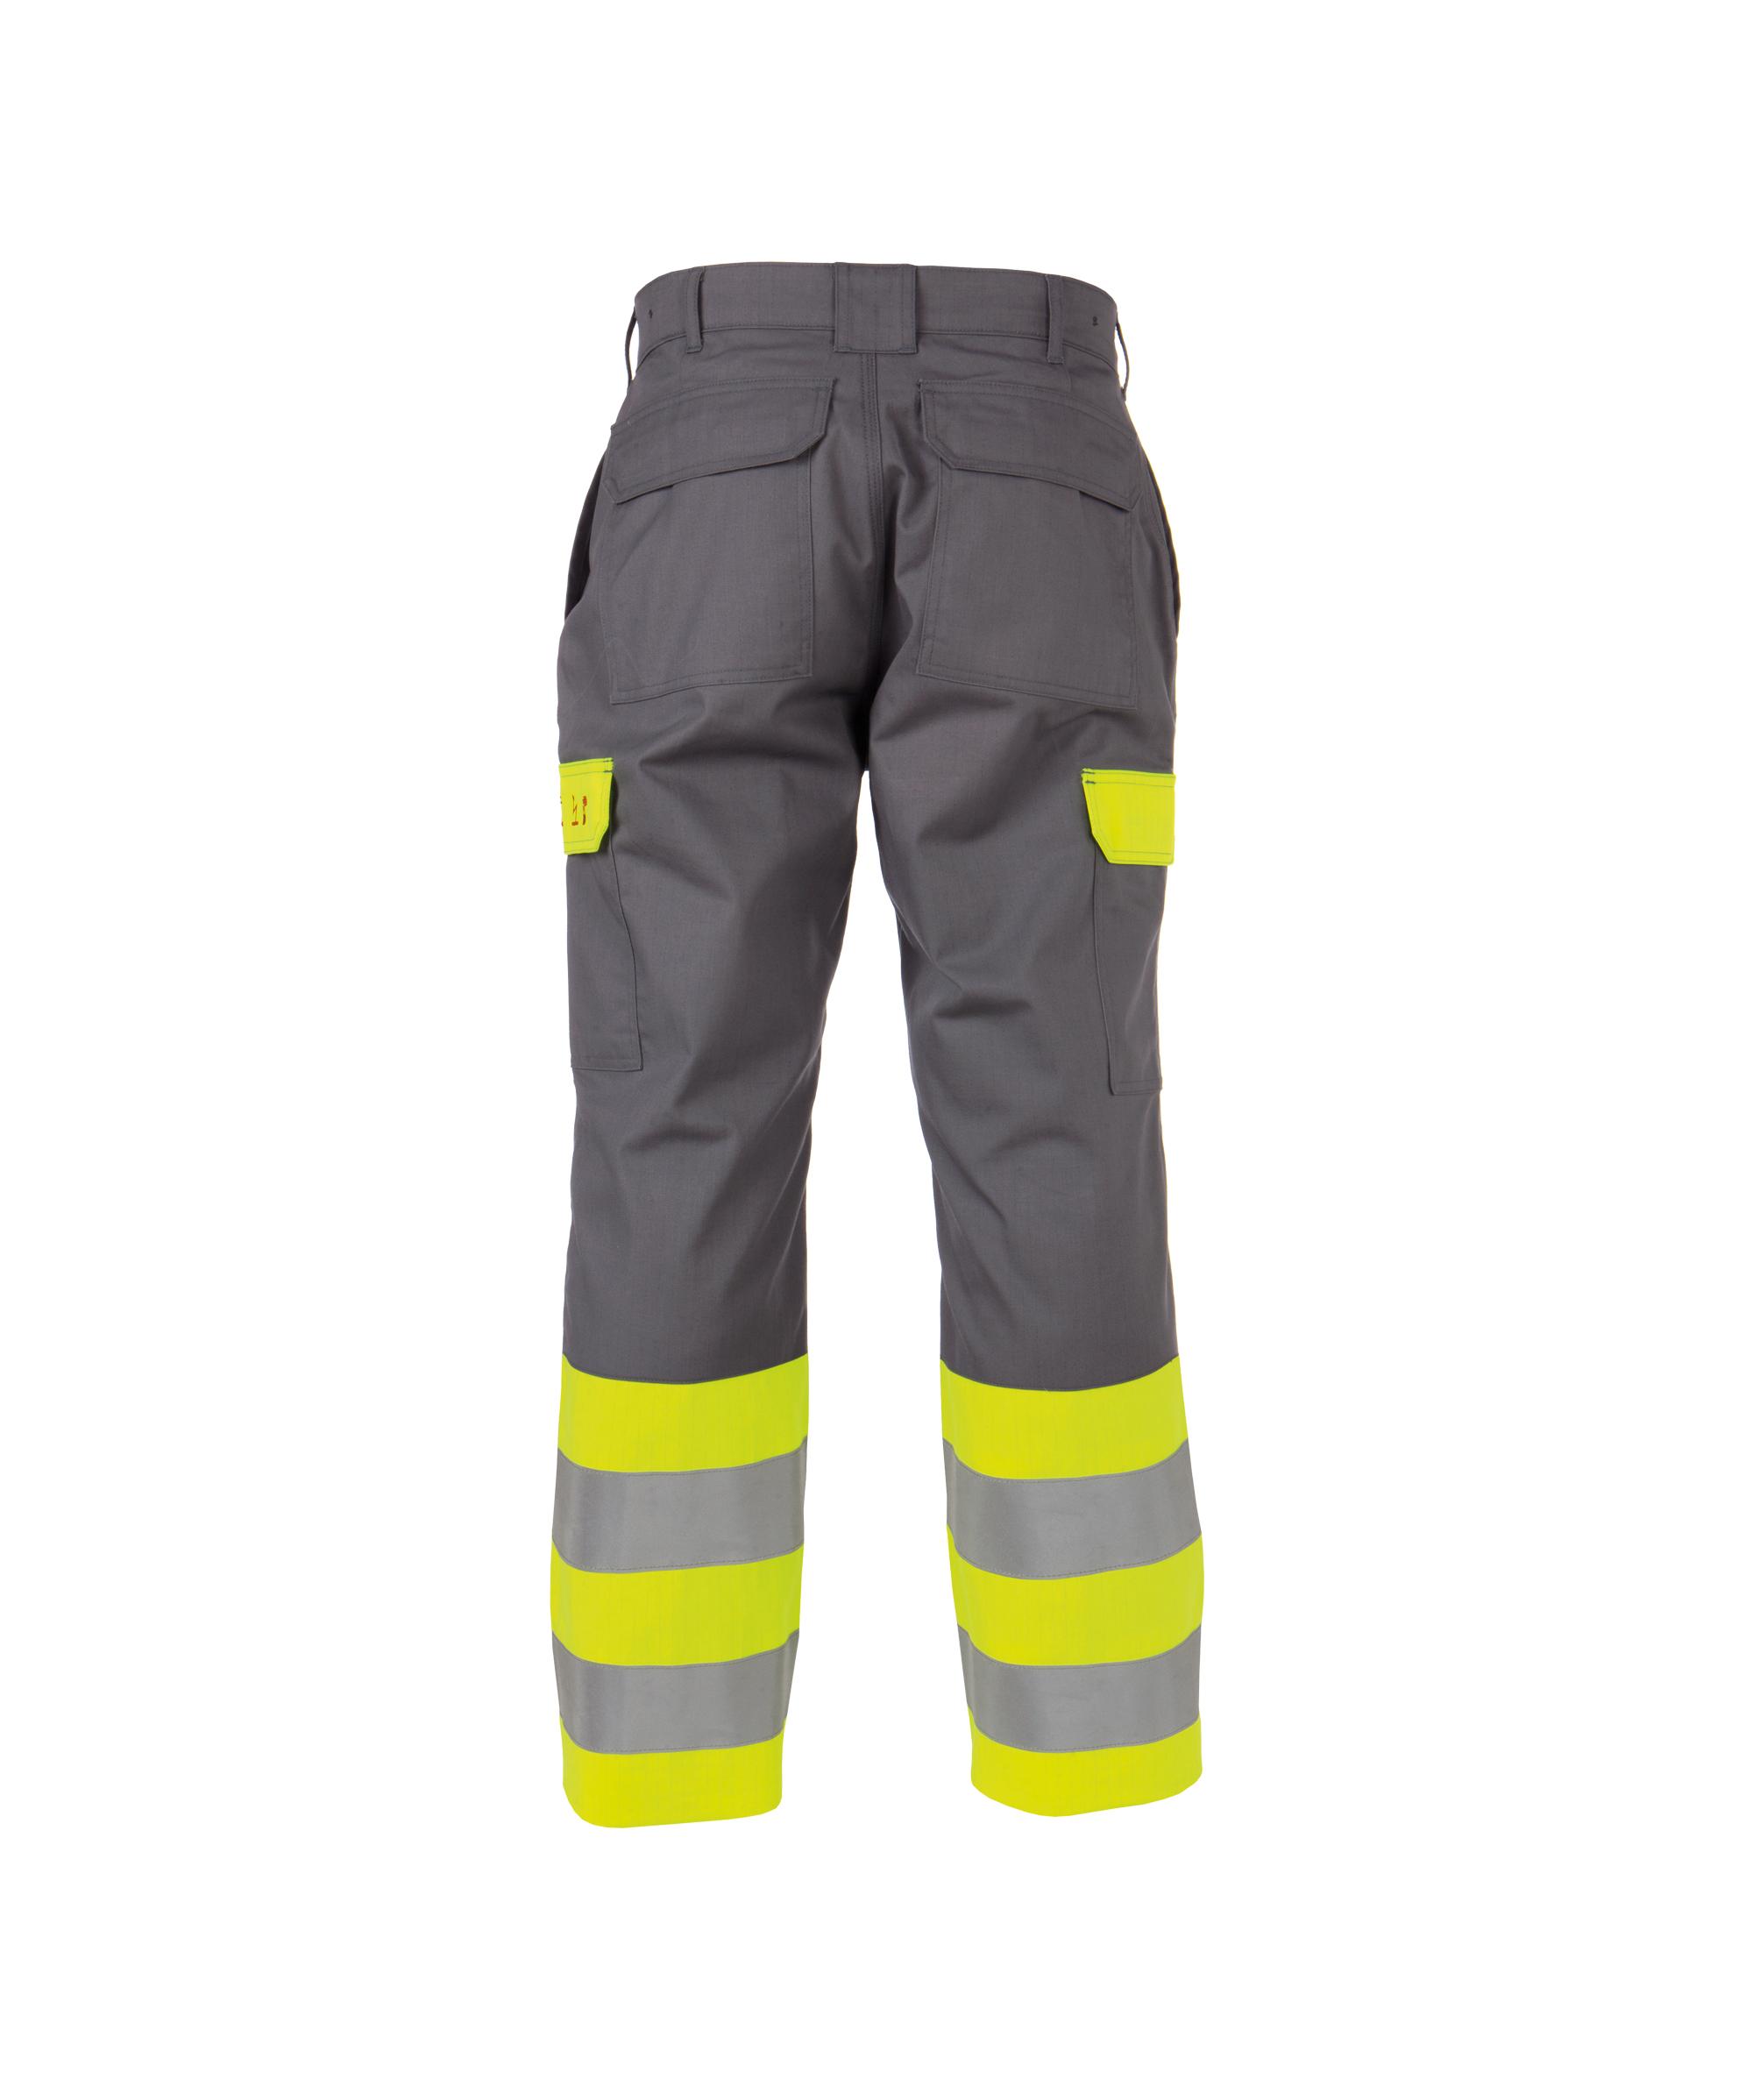 Dassy, Lenox zweifarbige Multinorm Warnschutz Bundhose mit Kniepolstertaschen 200818